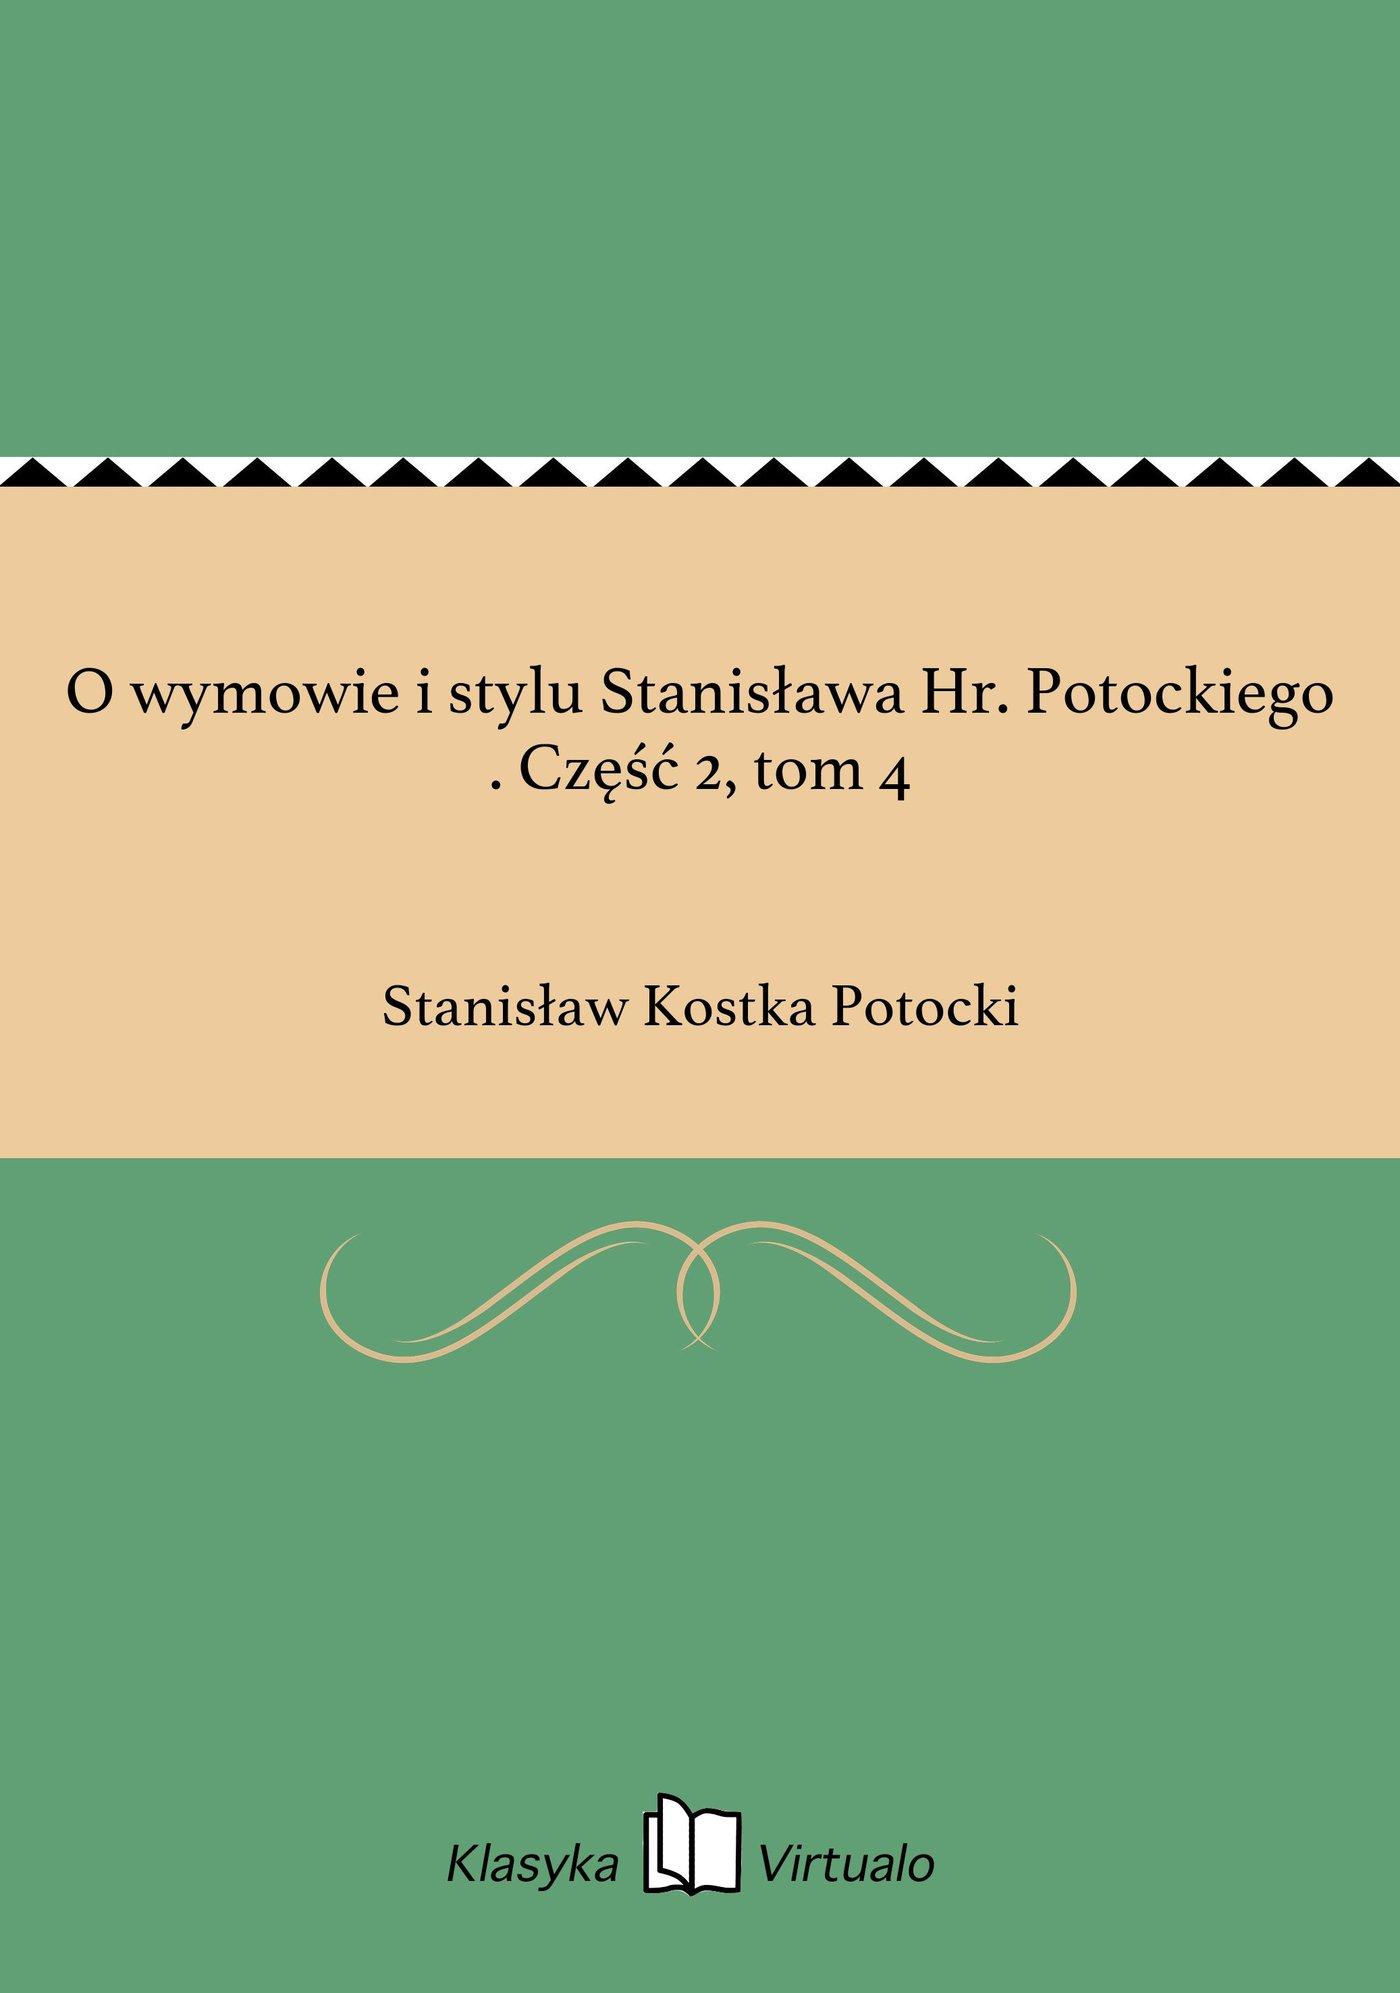 O wymowie i stylu Stanisława Hr. Potockiego . Część 2, tom 4 - Ebook (Książka EPUB) do pobrania w formacie EPUB